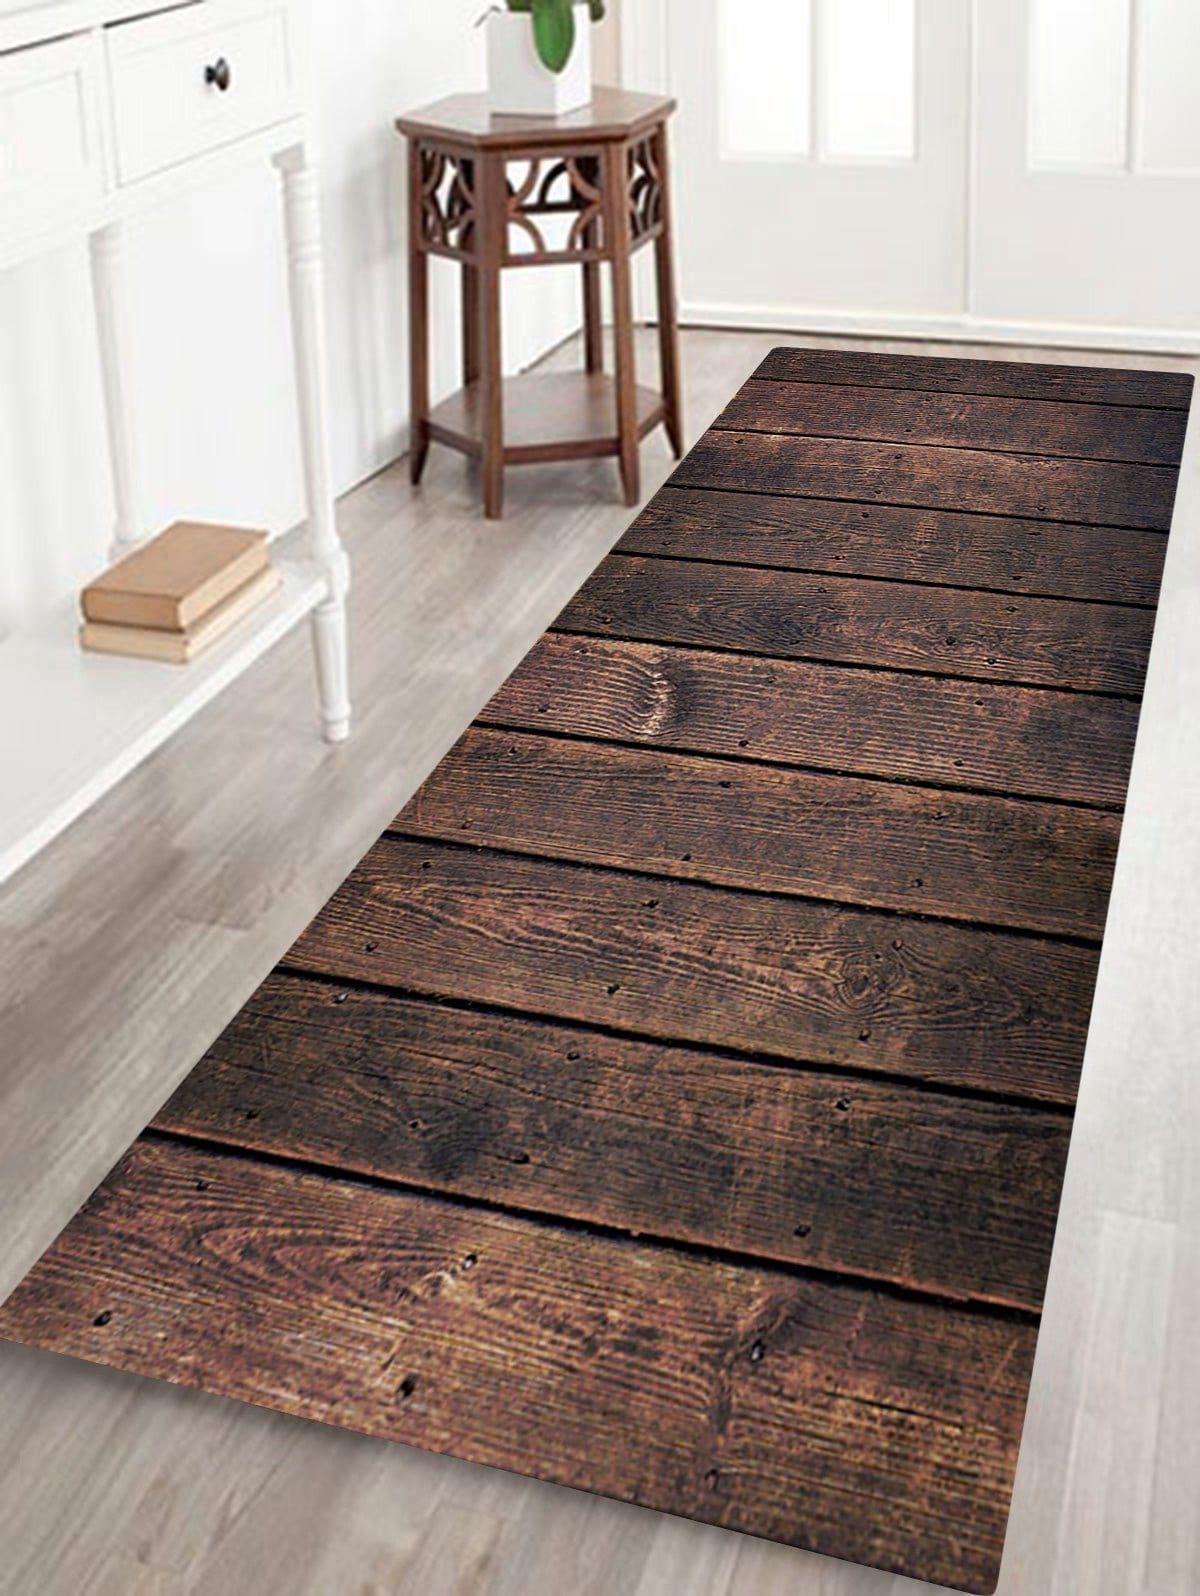 Wood Lath Pattern Anti Skid Water Absorption Area Rug Floor Area